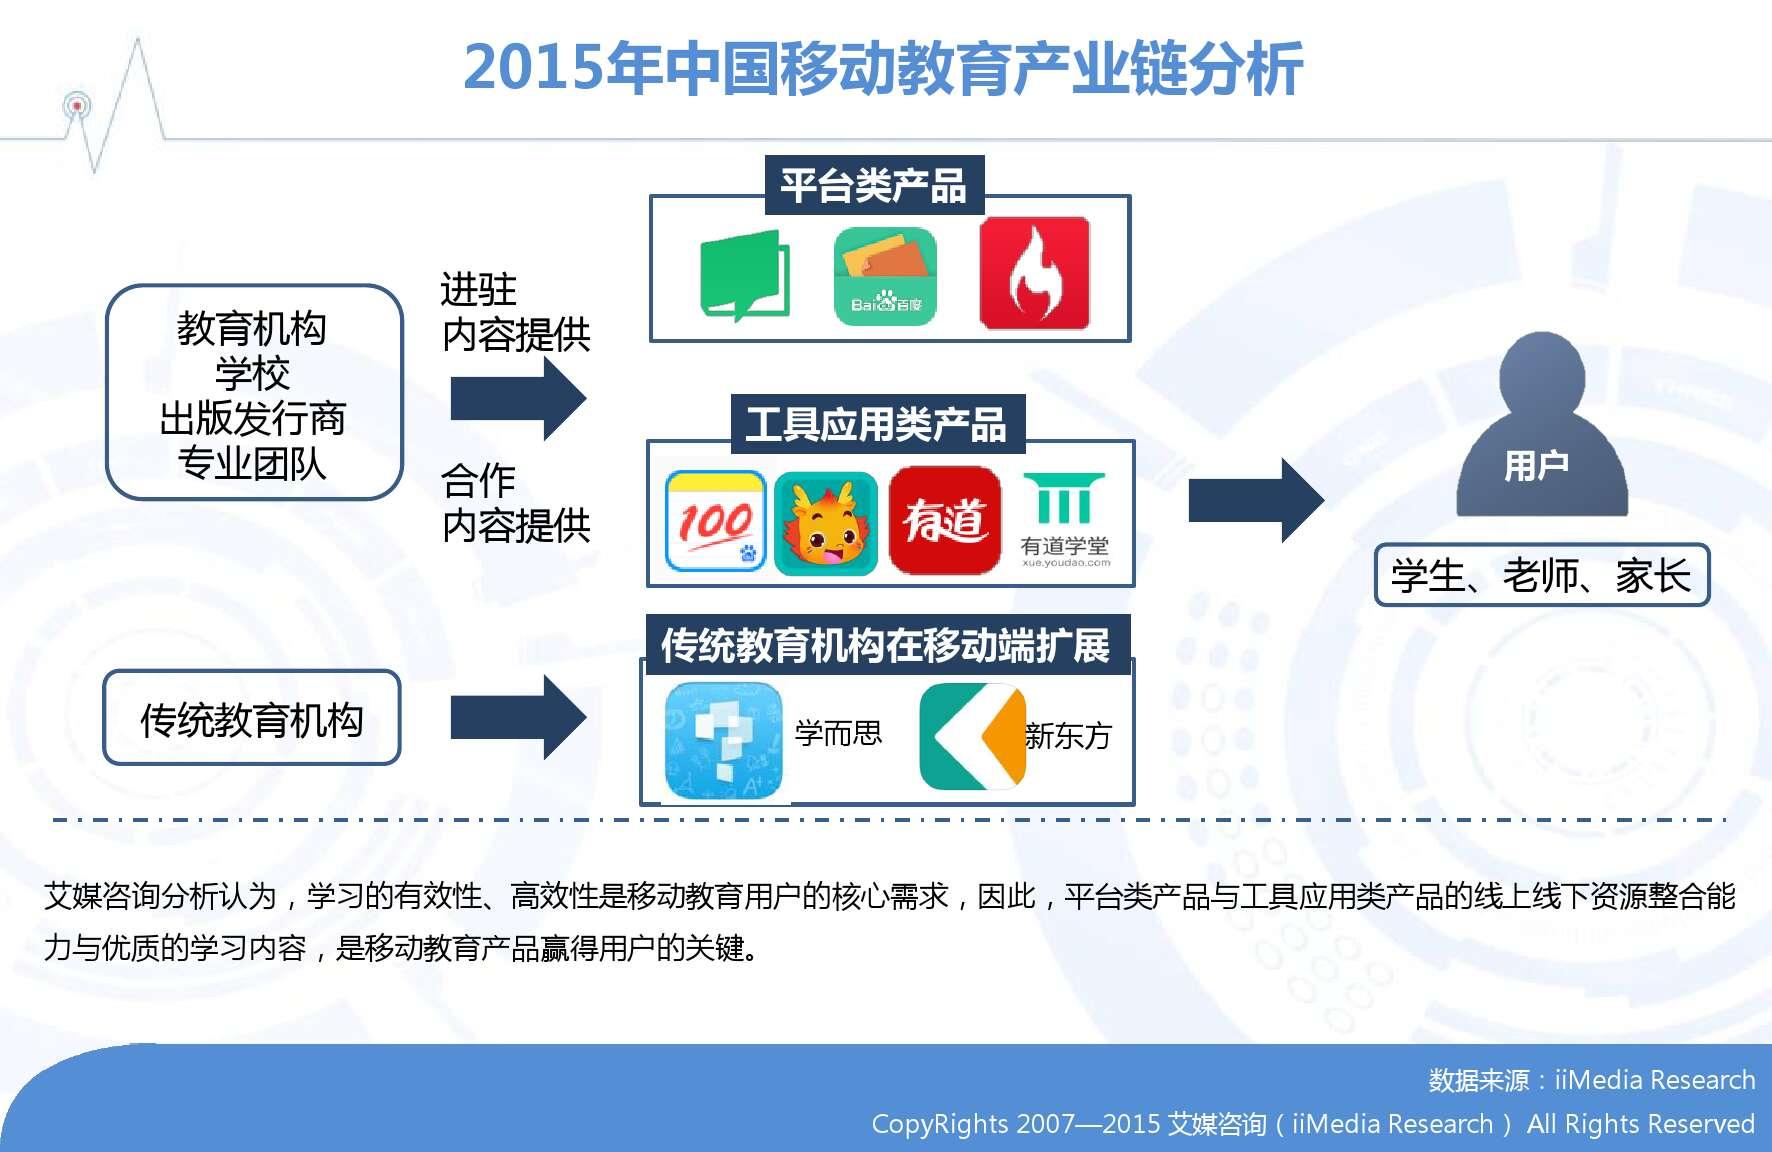 2015-2016年中国移动教育市场研究报告_000010